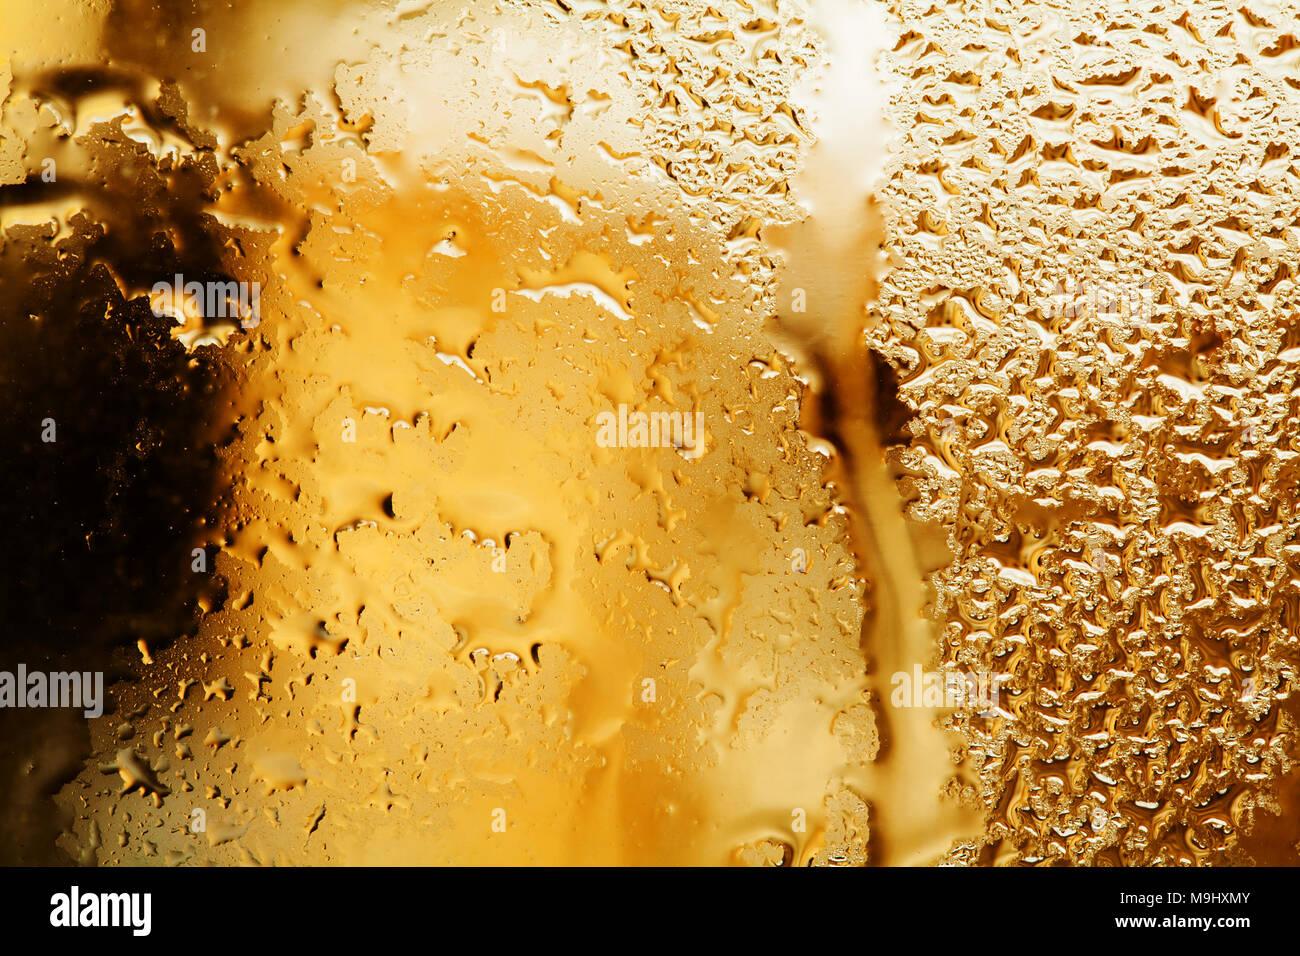 Lluvioso de concepto. Marco de color dorado abstracto y patrón de gotas de agua sobre el cristal de la ventana. Vista macro burbujas de Textura líquida. Profundidad de campo. Imagen De Stock